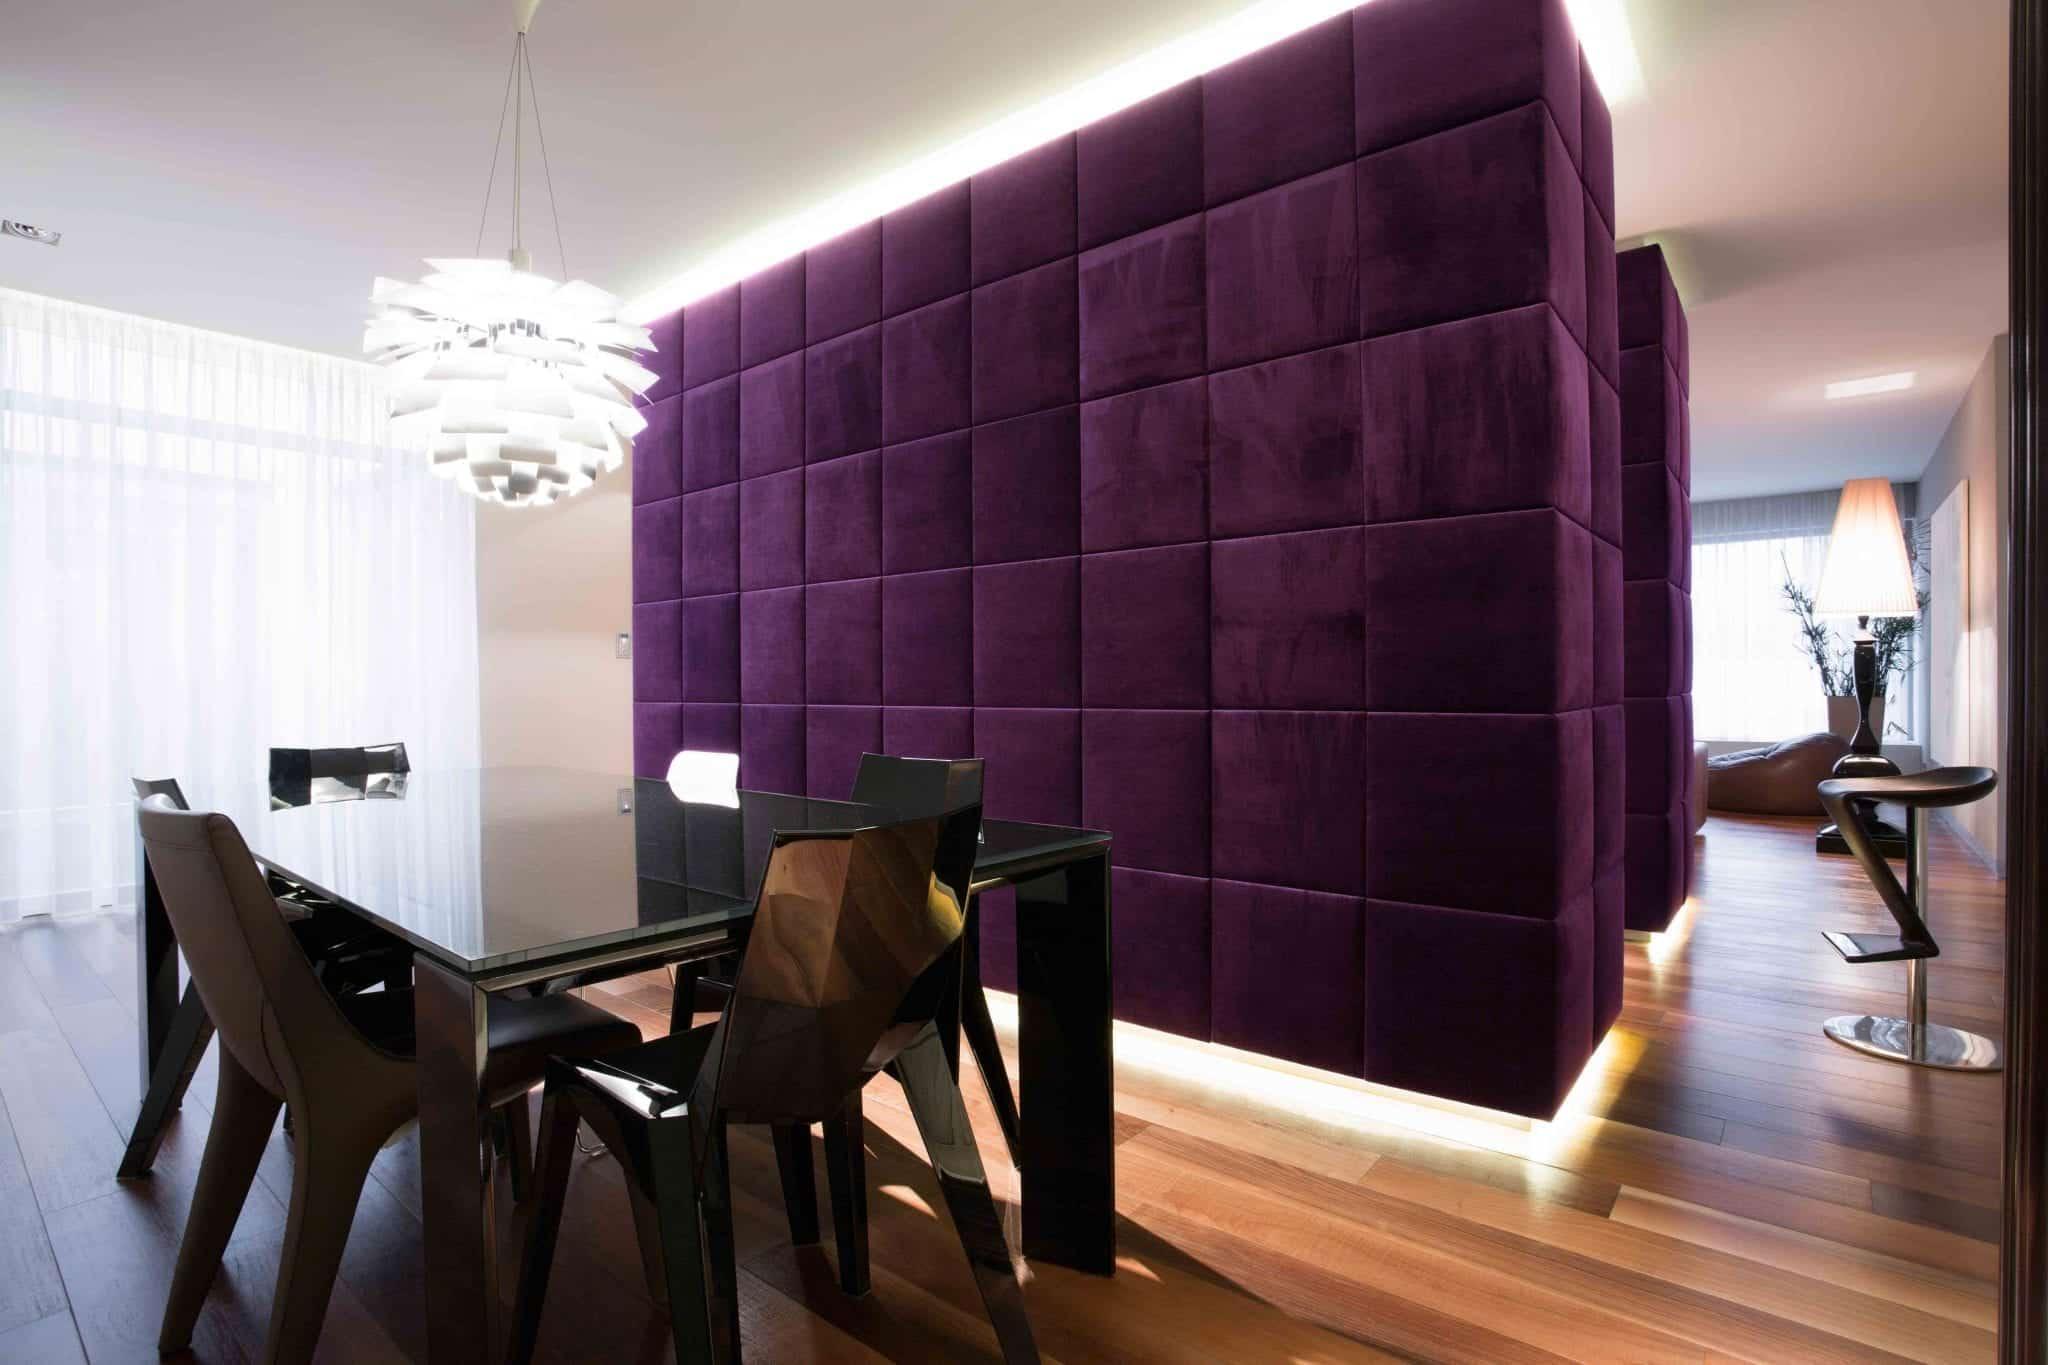 Installation cloison avec isolant acoustique